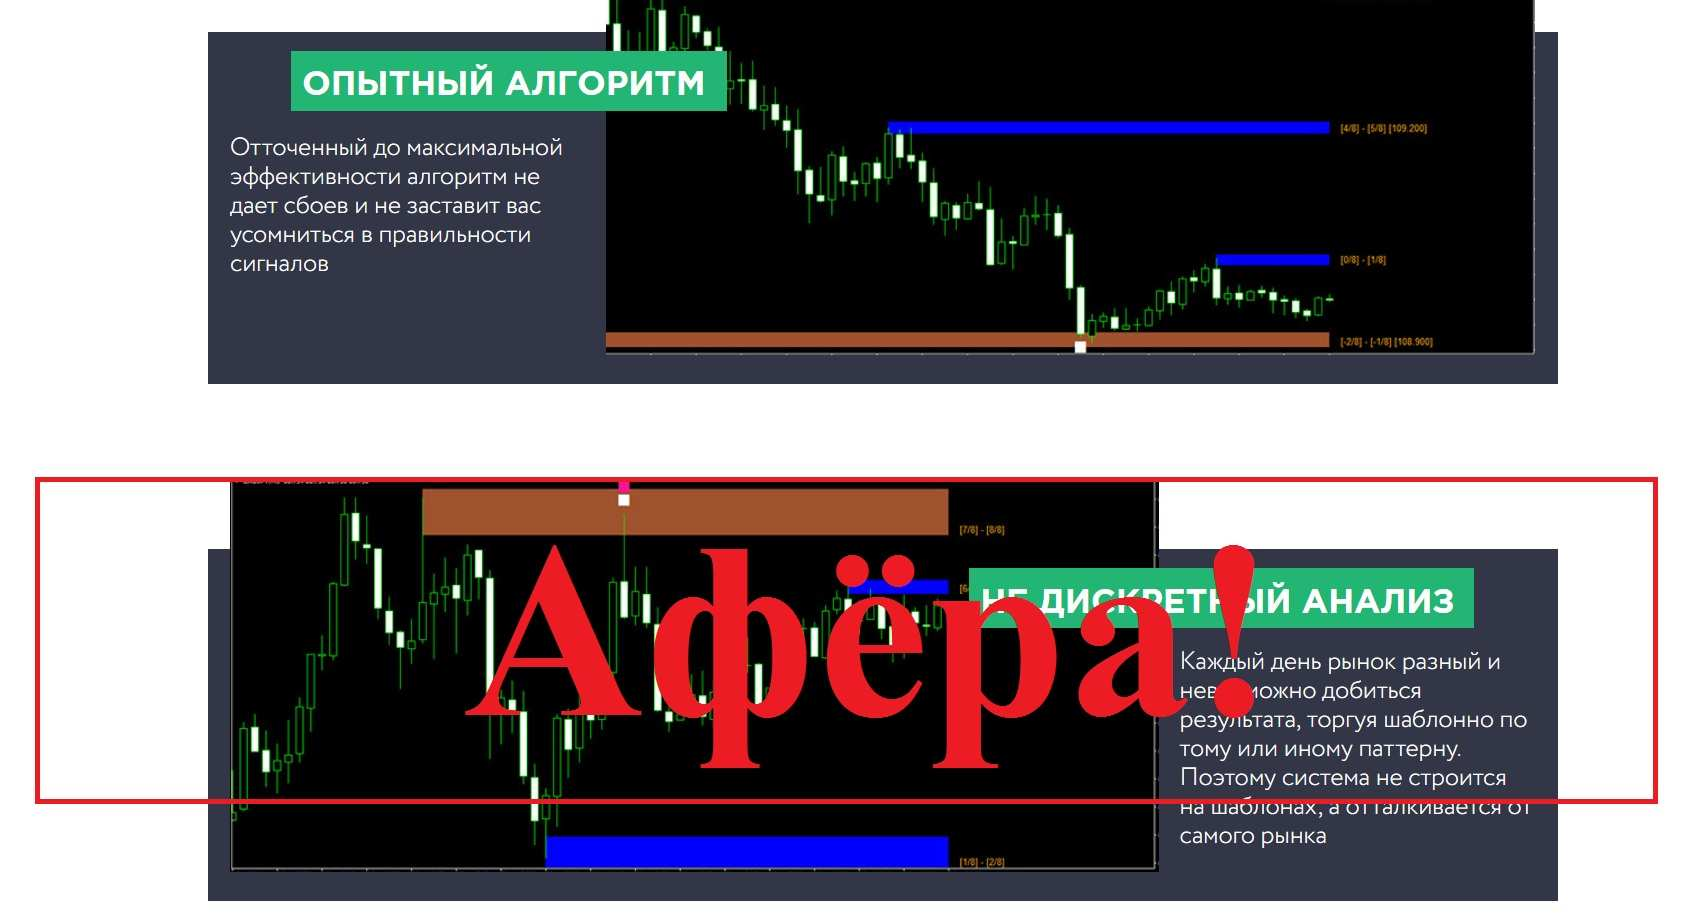 Торговая система Агата – отзывы и обзор